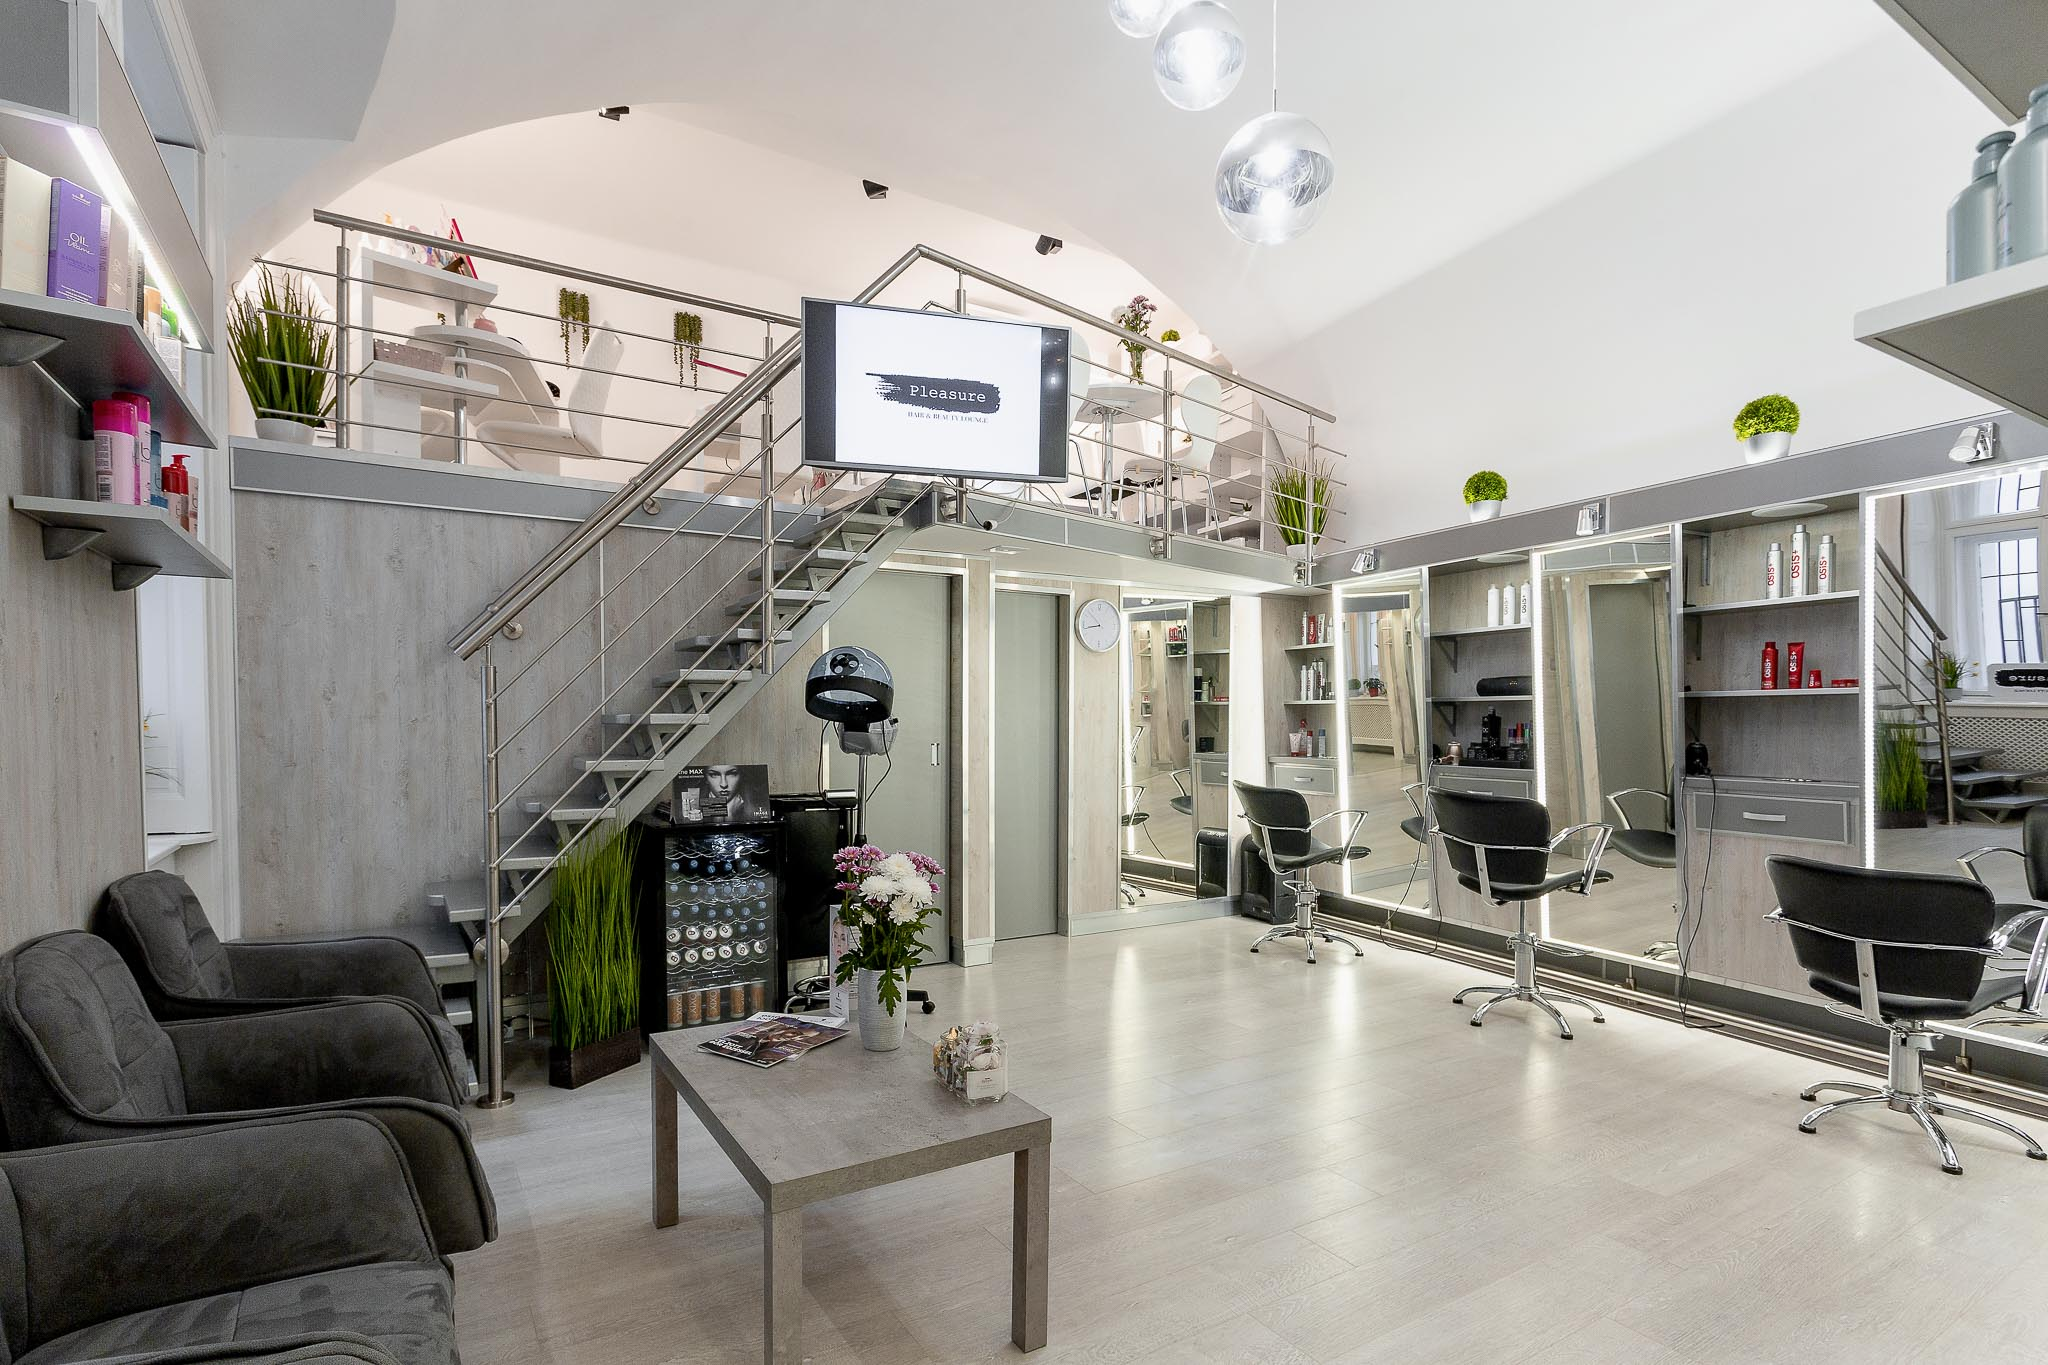 Pleasure Hair & Beauty Lounge - Kozmetika, Smink, Kézápolás, Fodrászat, Lábápolás